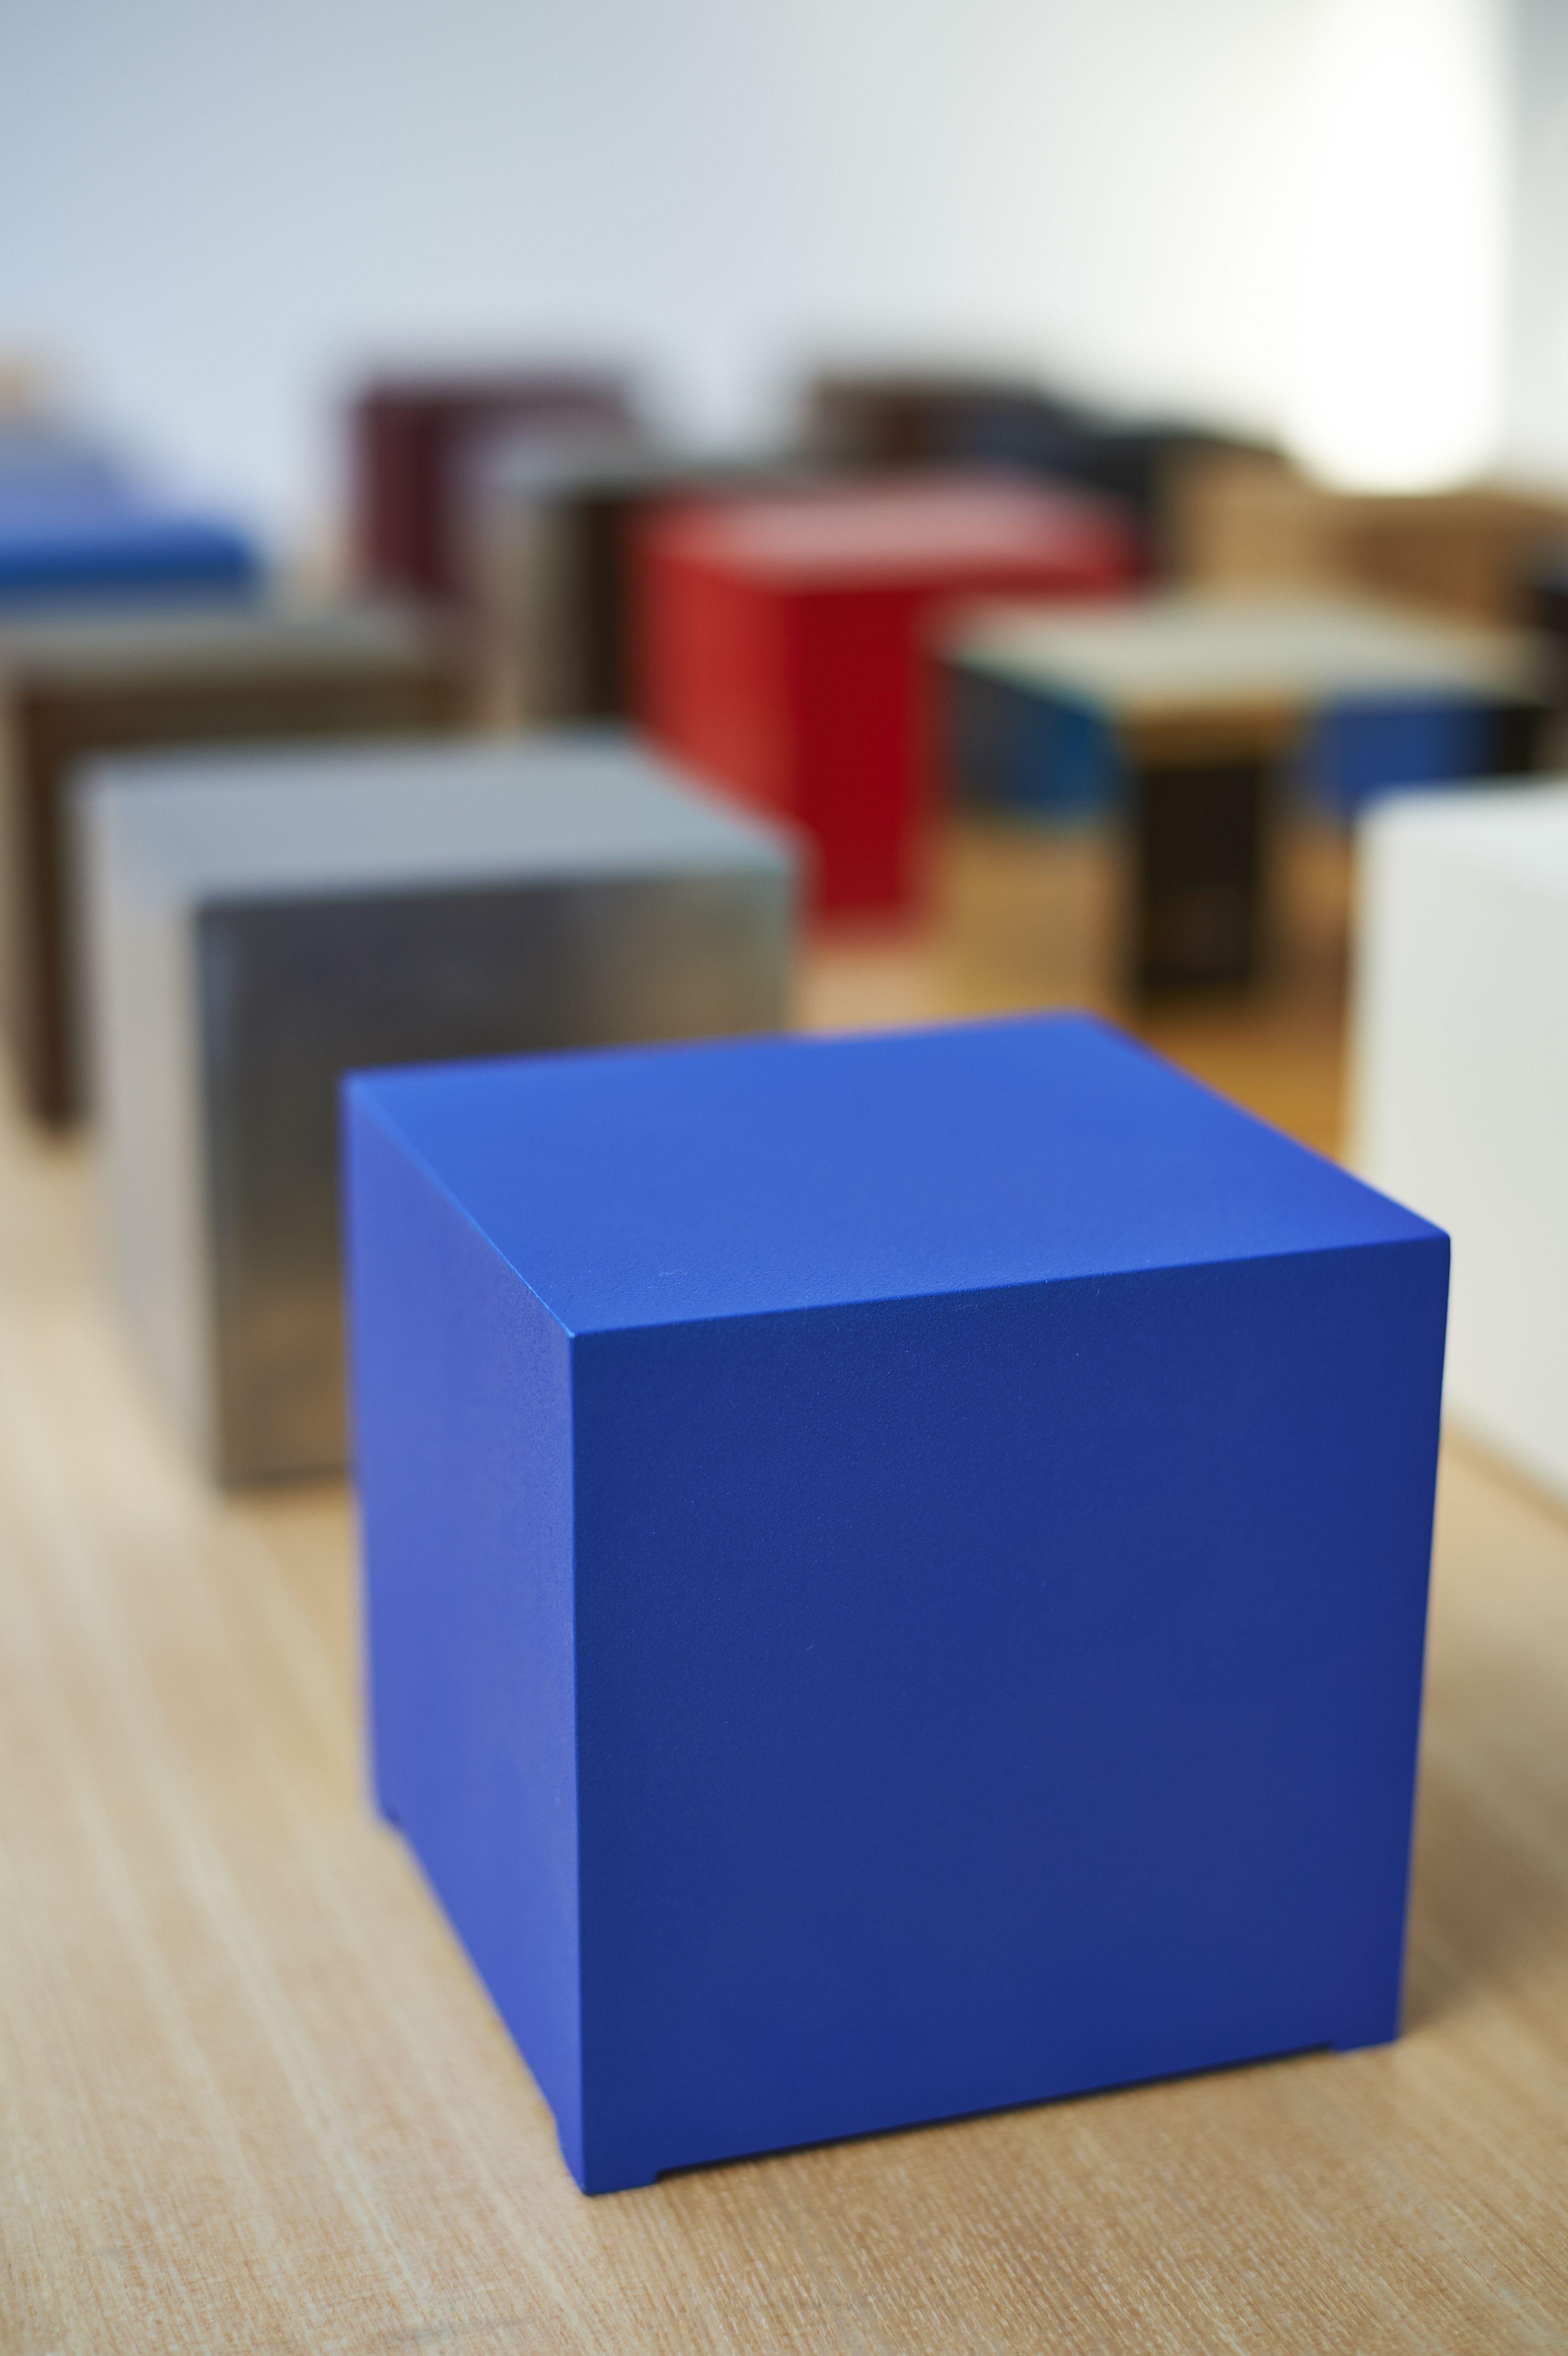 KUBB l'ordinateur déco made in France. Une sélection de la rédaction de www.source-a-id.com à découvrir dans notre rubrique high-tech